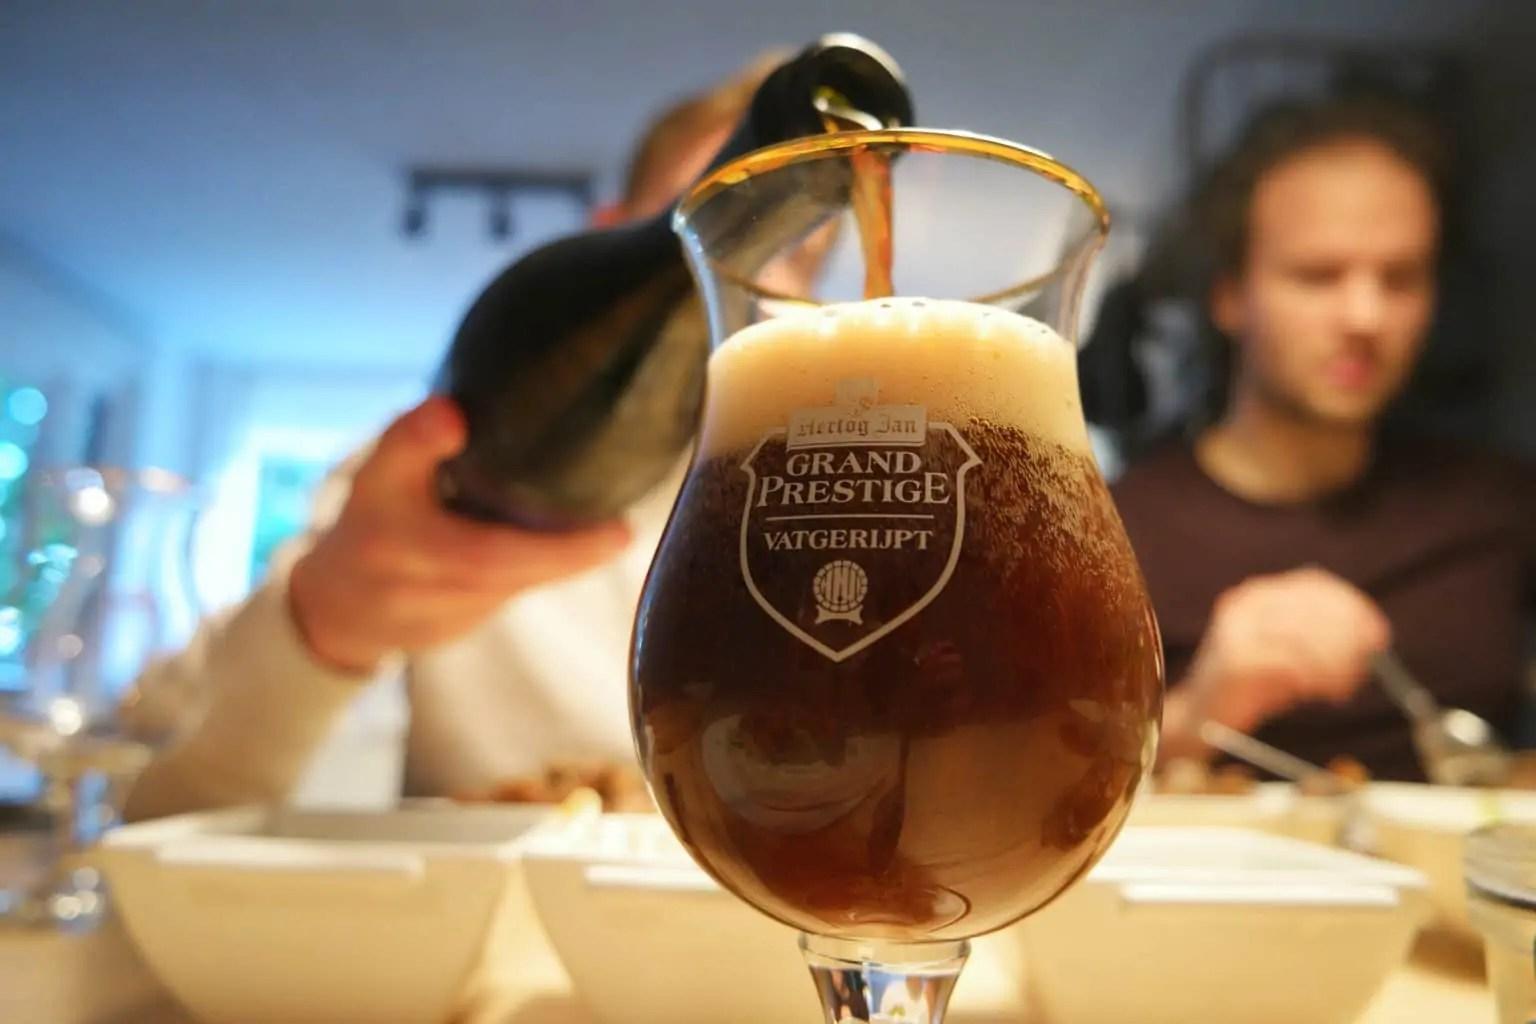 Vatgerijpt bier1